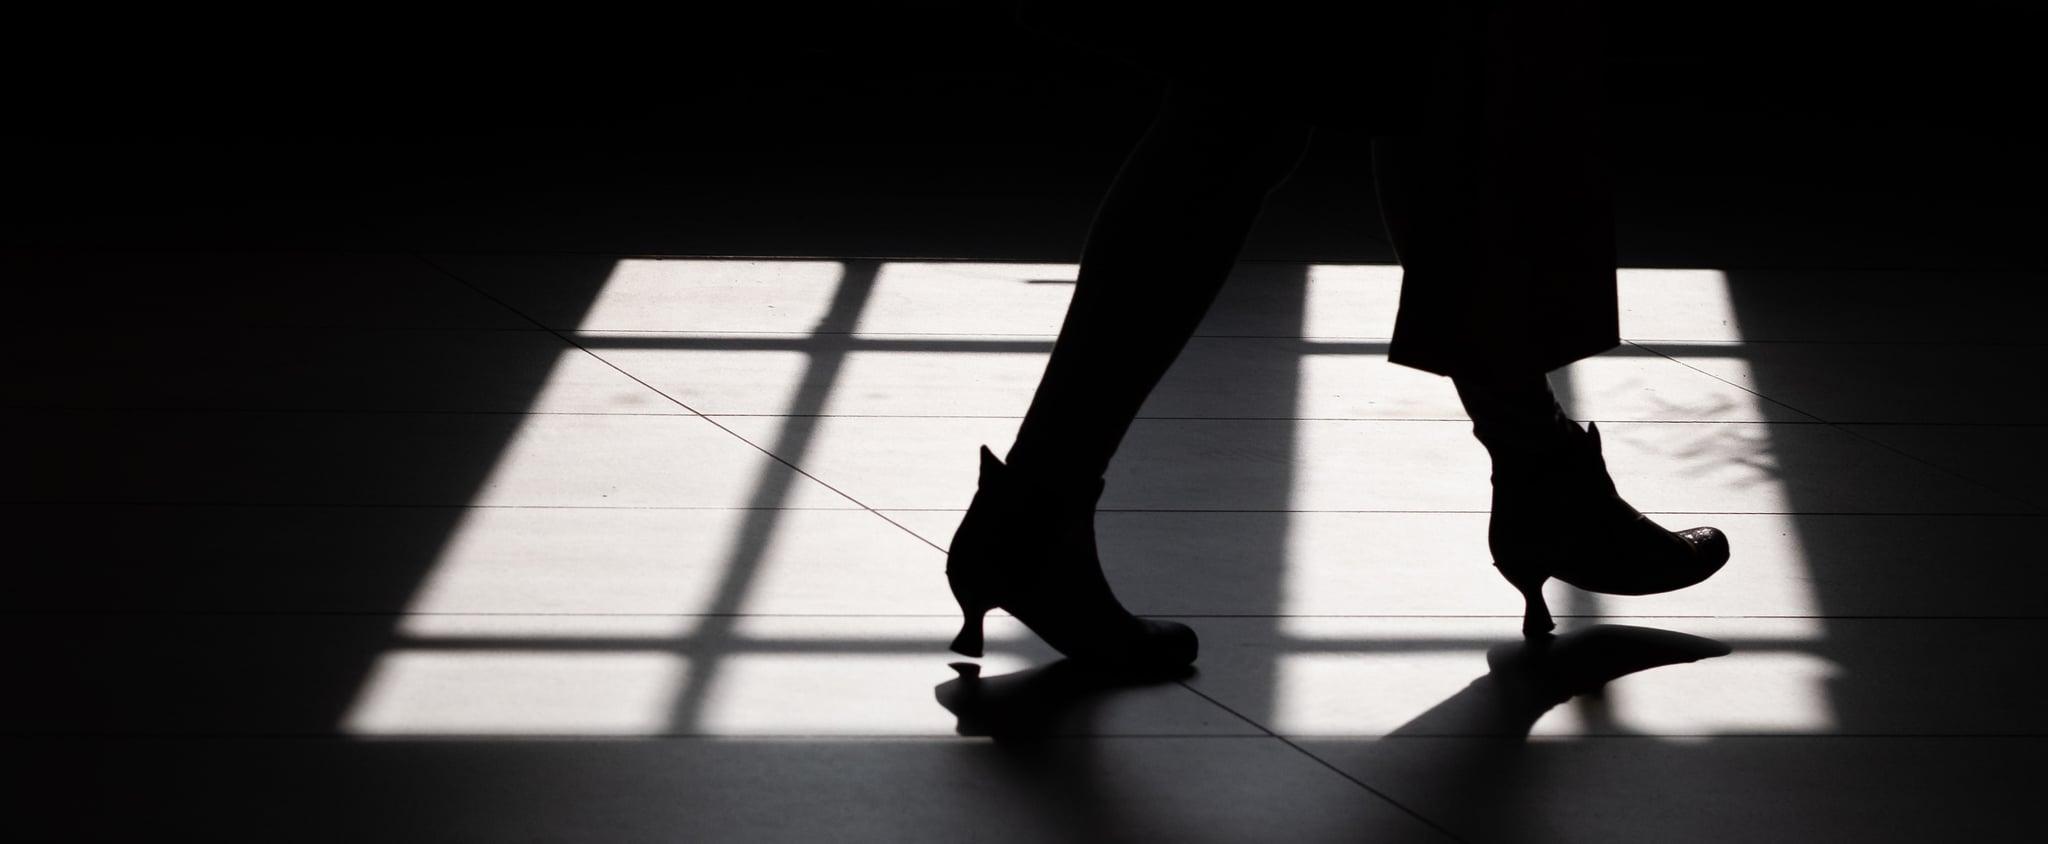 دبي تحطم الرقم القياسي السابق وتعرض أغلى حذاء كعب في العالم